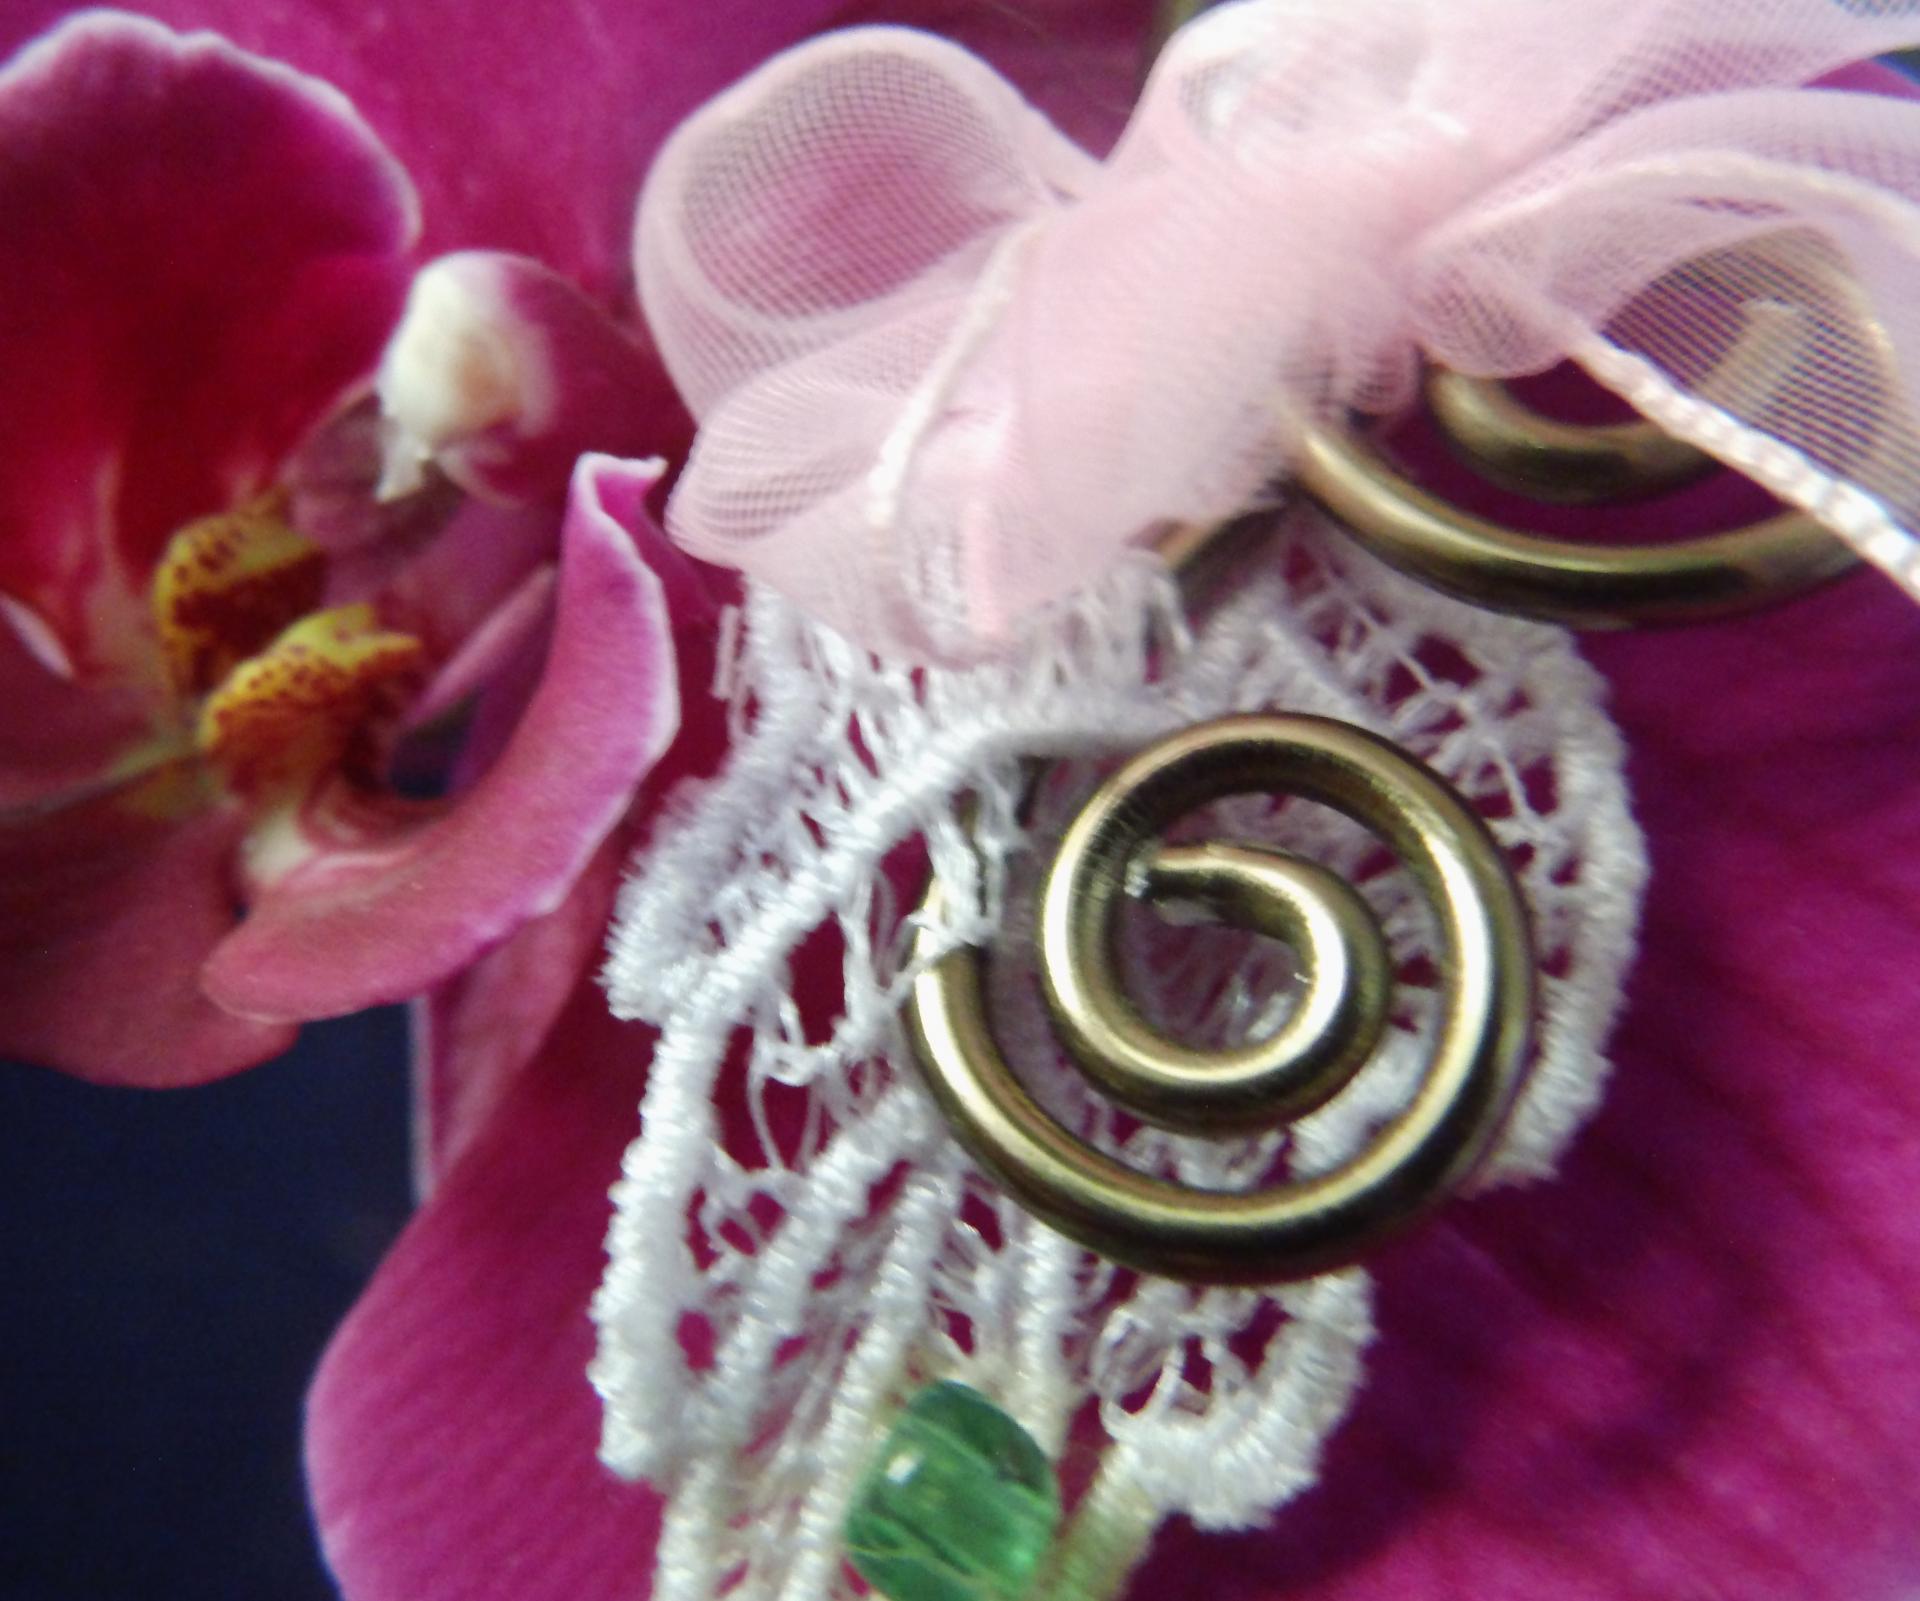 Détail collier version 2 'Nénuphar' éco-responsable original pièce unique magique fait-main bijoux de qualité réglable